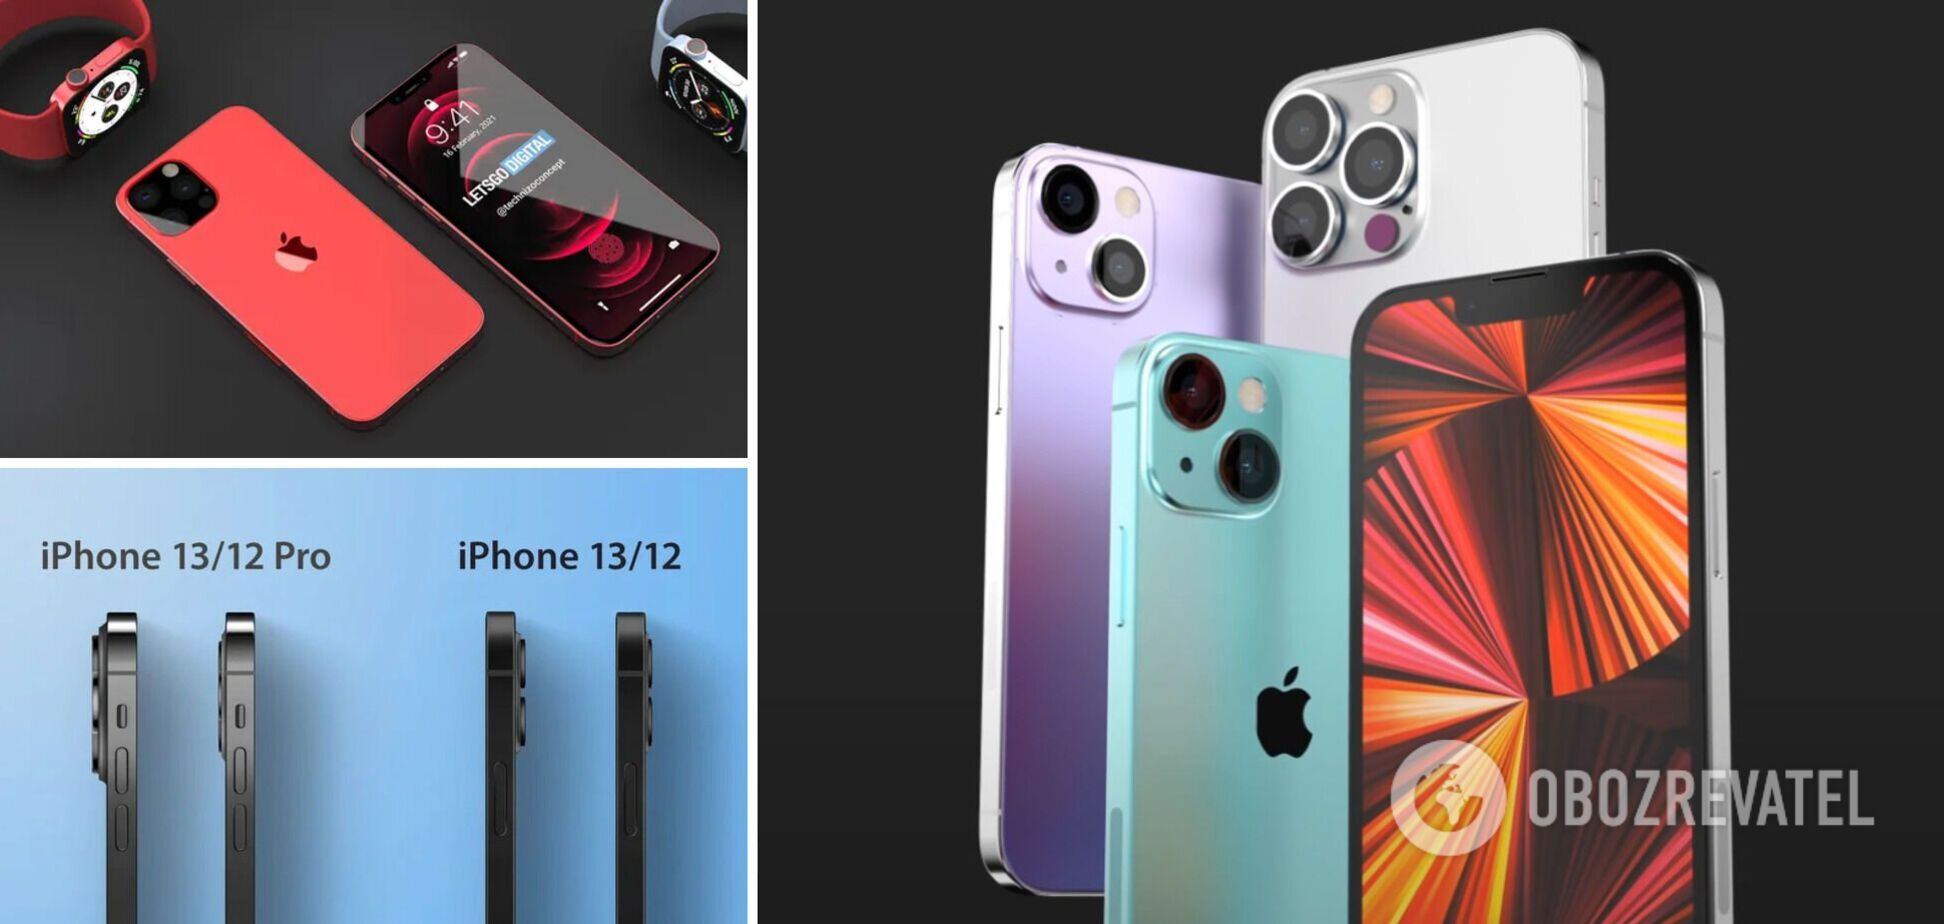 Рассказываем о секретах iPhone 13: от усиленной батареи до новых технологических дисплеев и не только